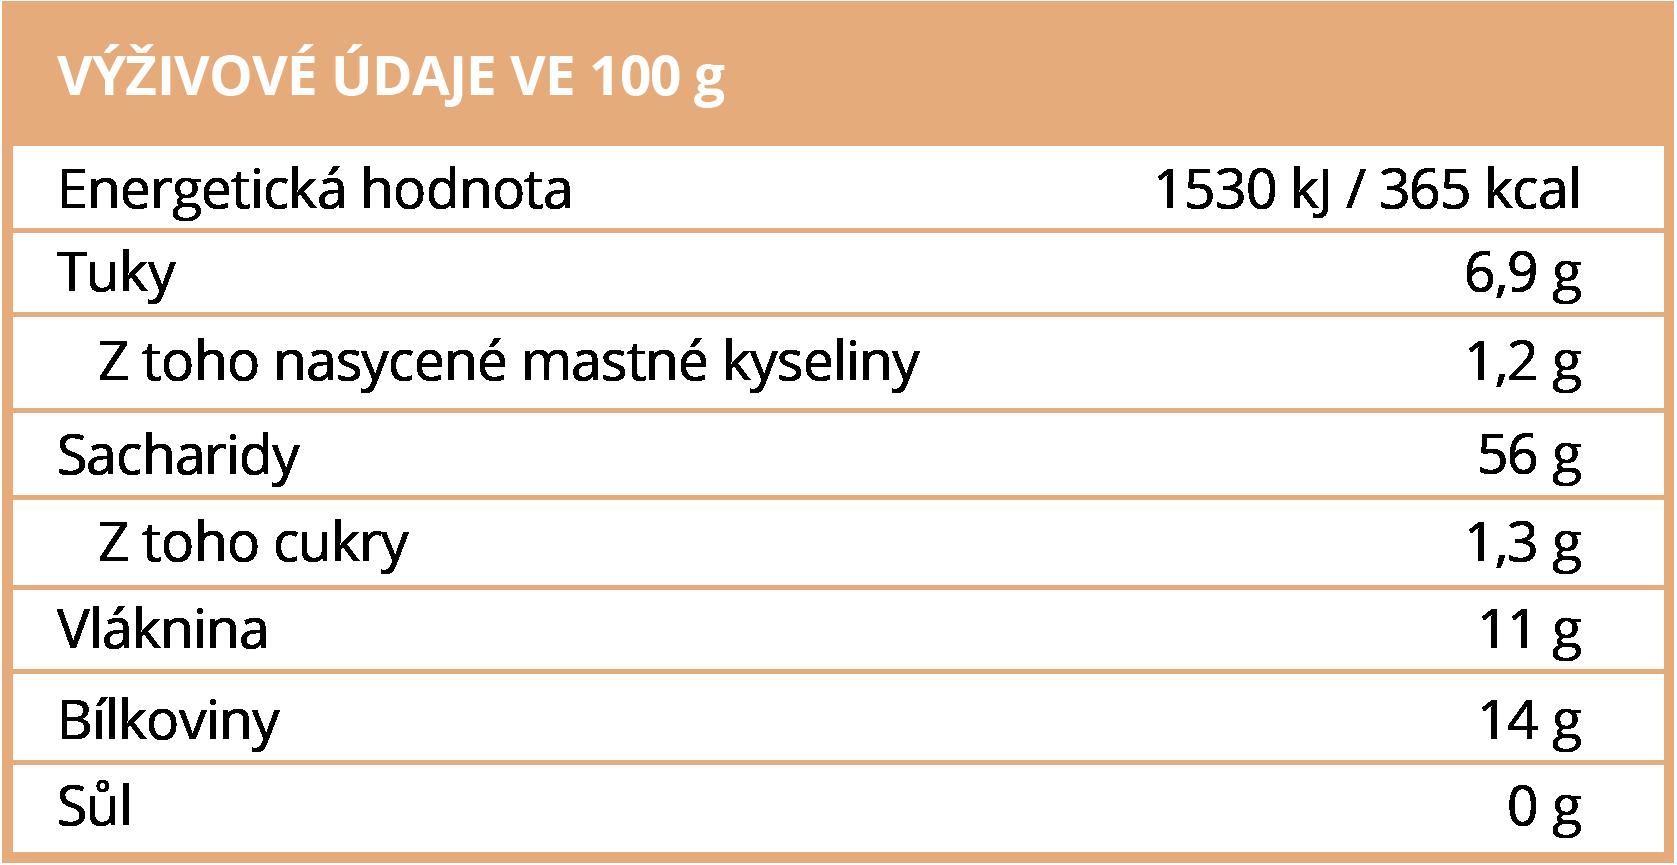 Výživové hodnoty BrainMax Pure Ovesné vločky - BrainMarket.cz